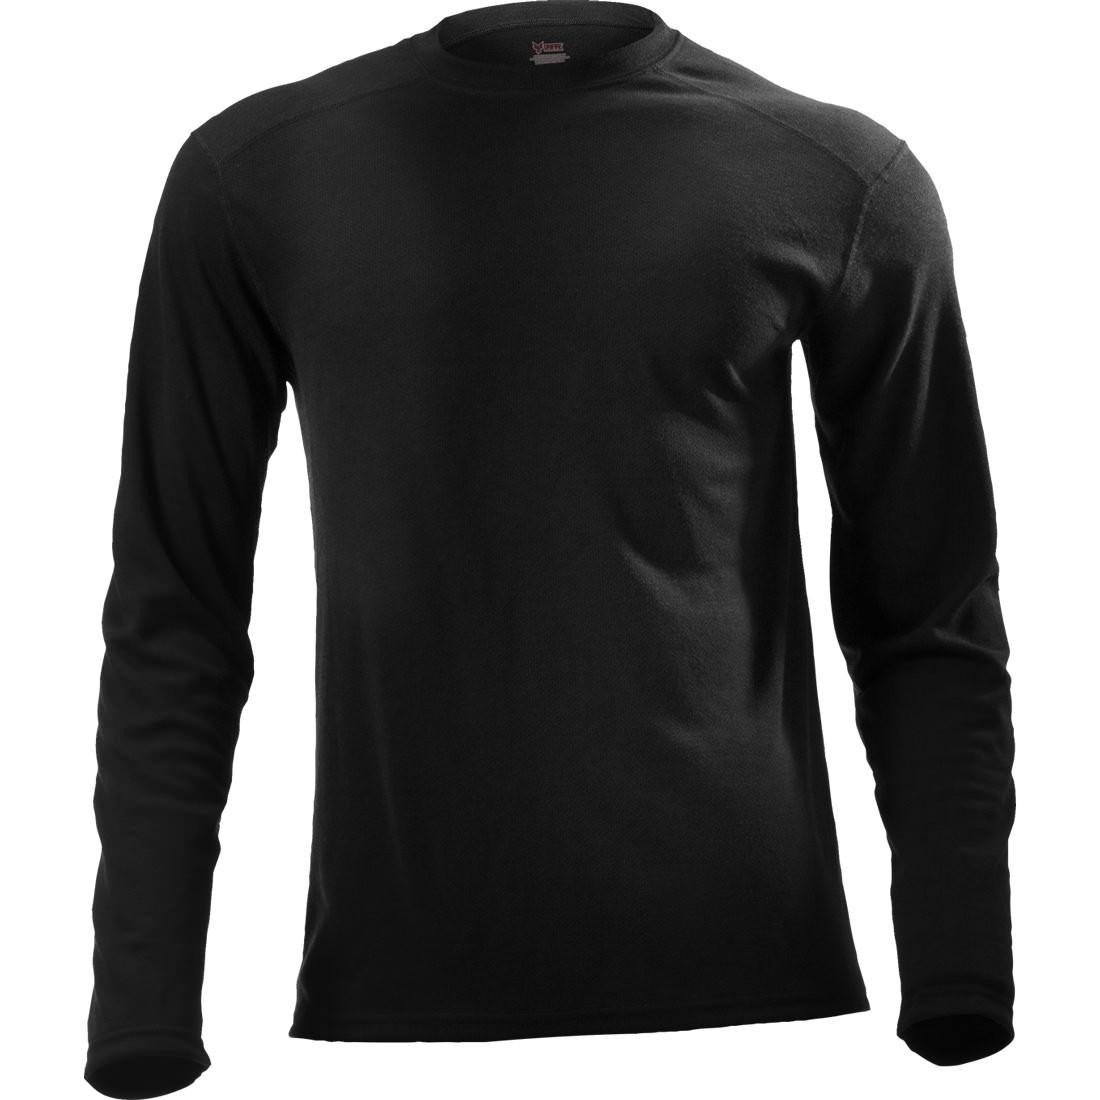 Drifire Fire Resistant Midweight Long Sleeve Shirt Black